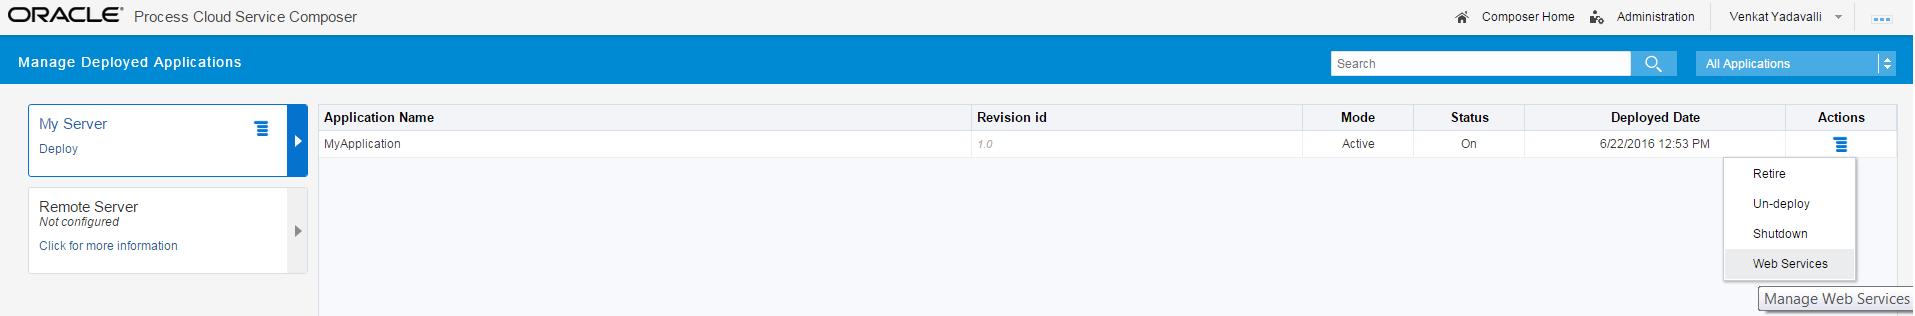 pcs_deployment_webservices.png